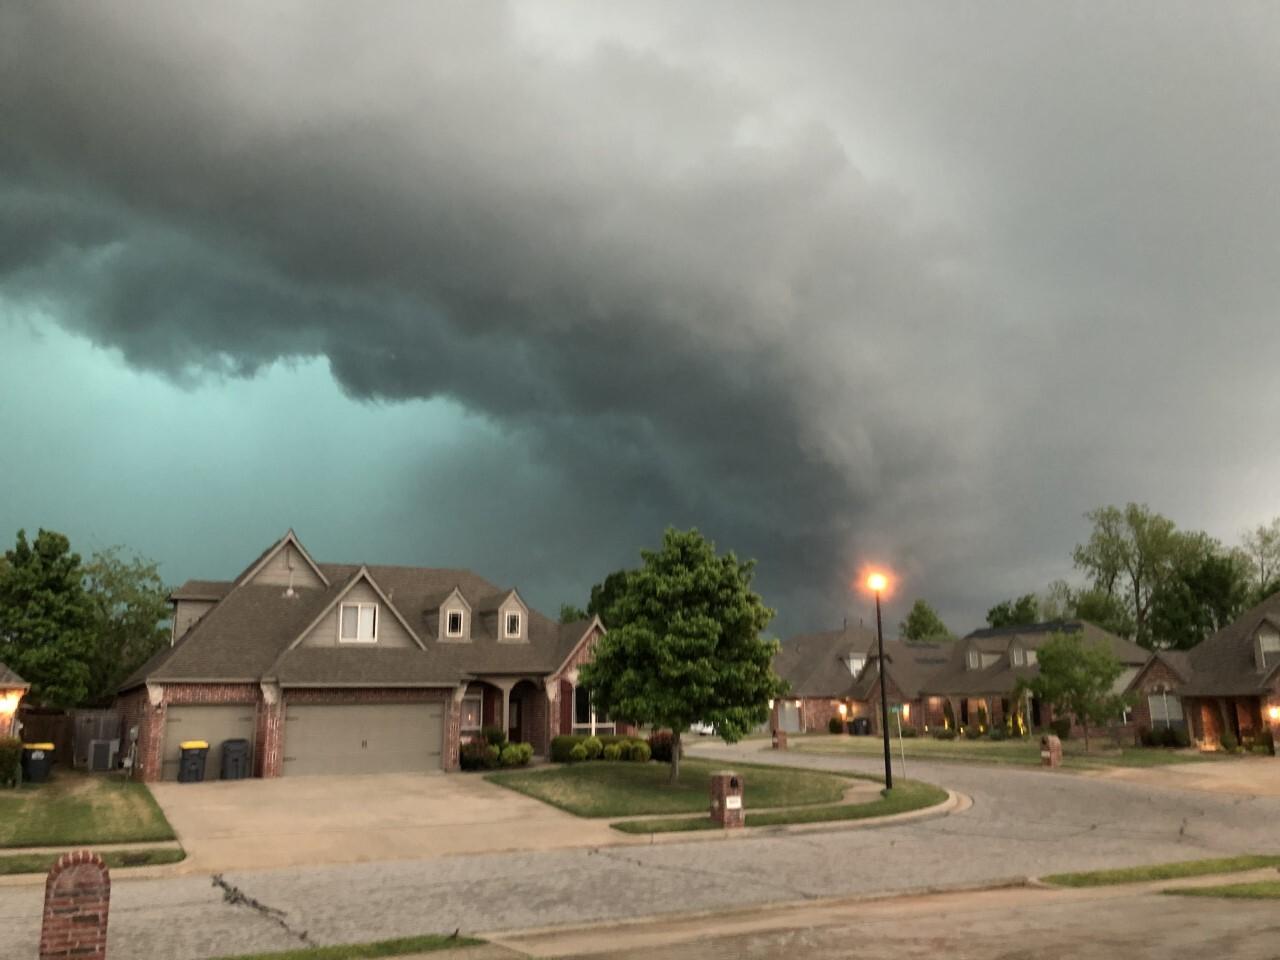 April 28 Storm in Jenks